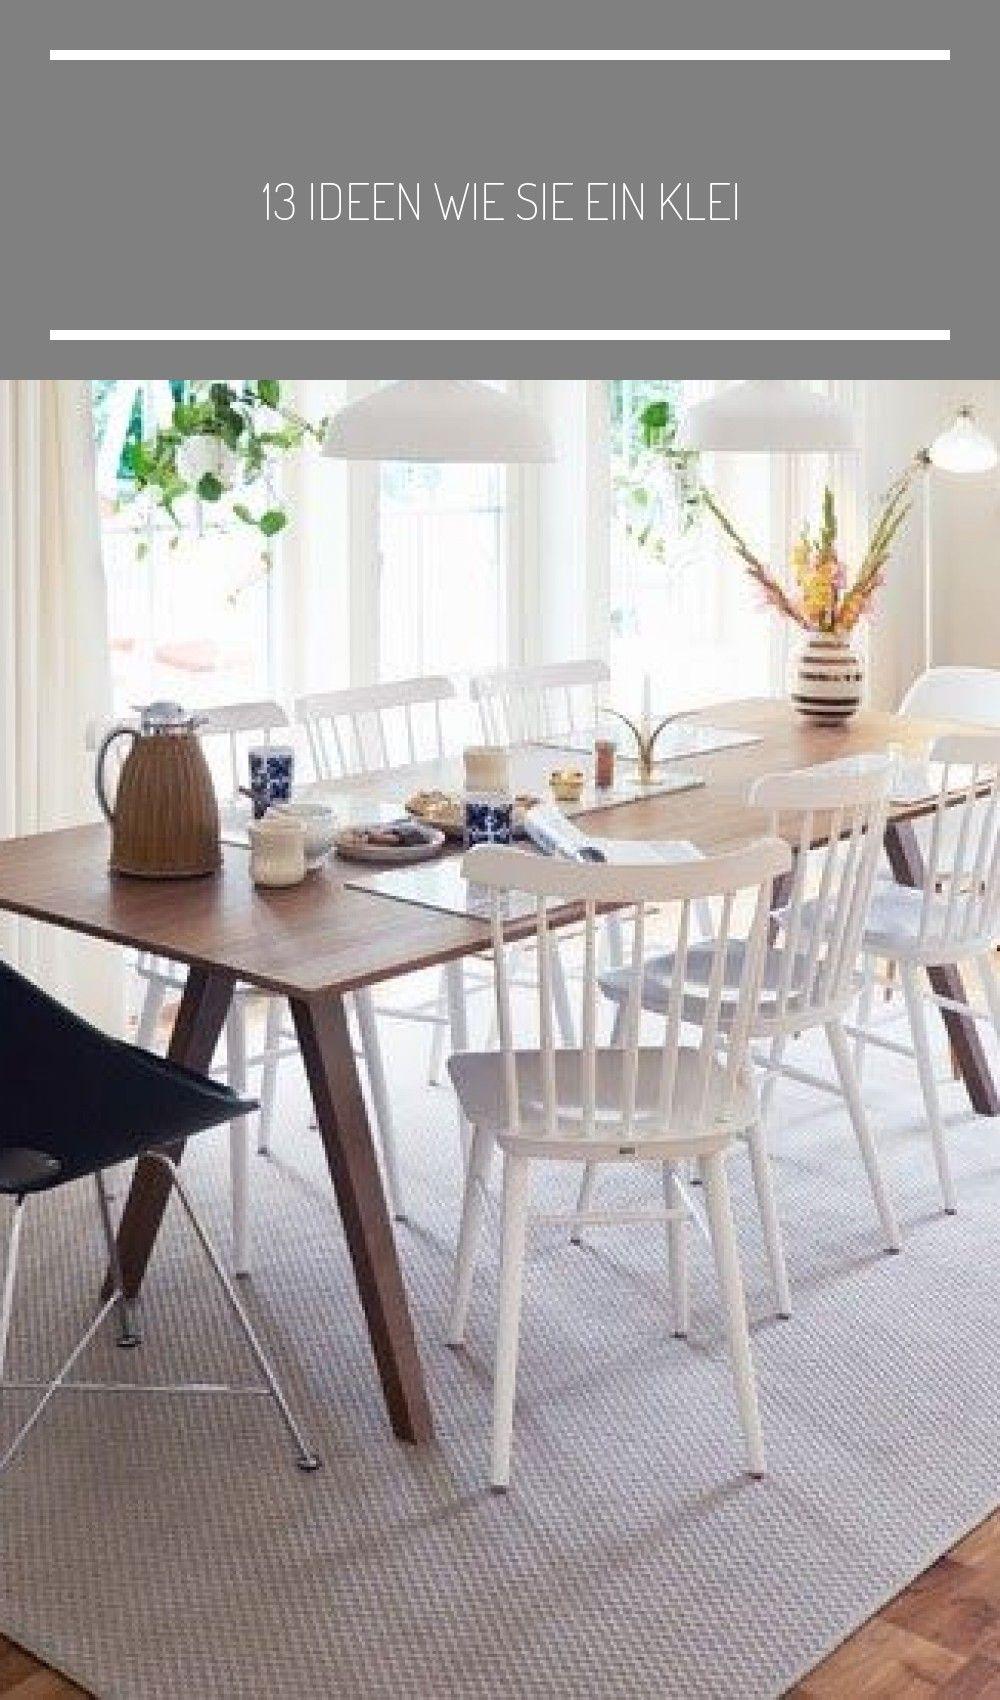 13 Ideen Wie Sie Ein Kleines Wohnzimmer Mit Essbereich ...